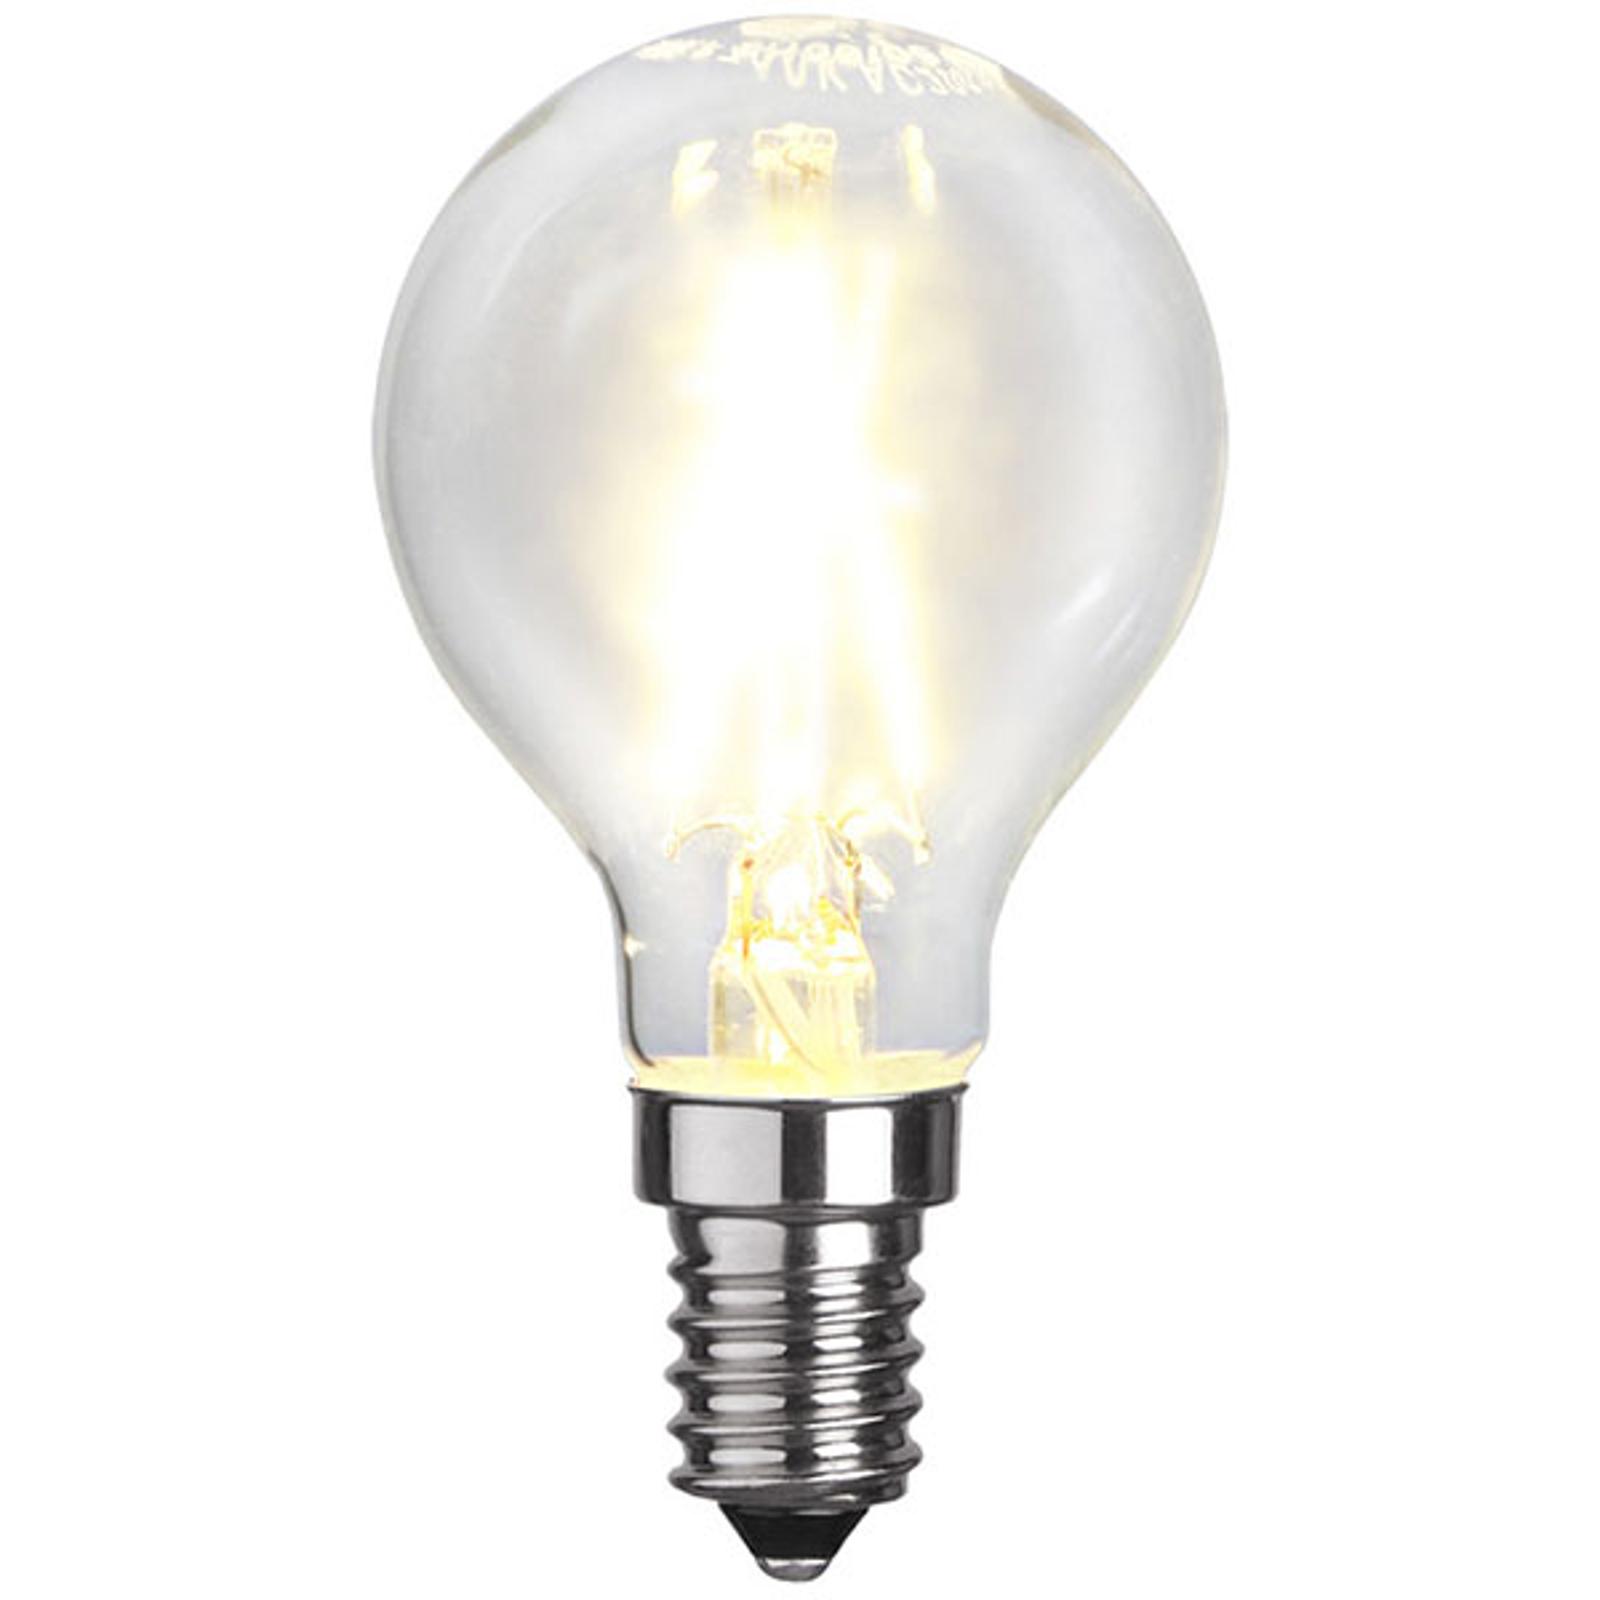 Ampoule goutte LED E14 P45 2W 2700K filament